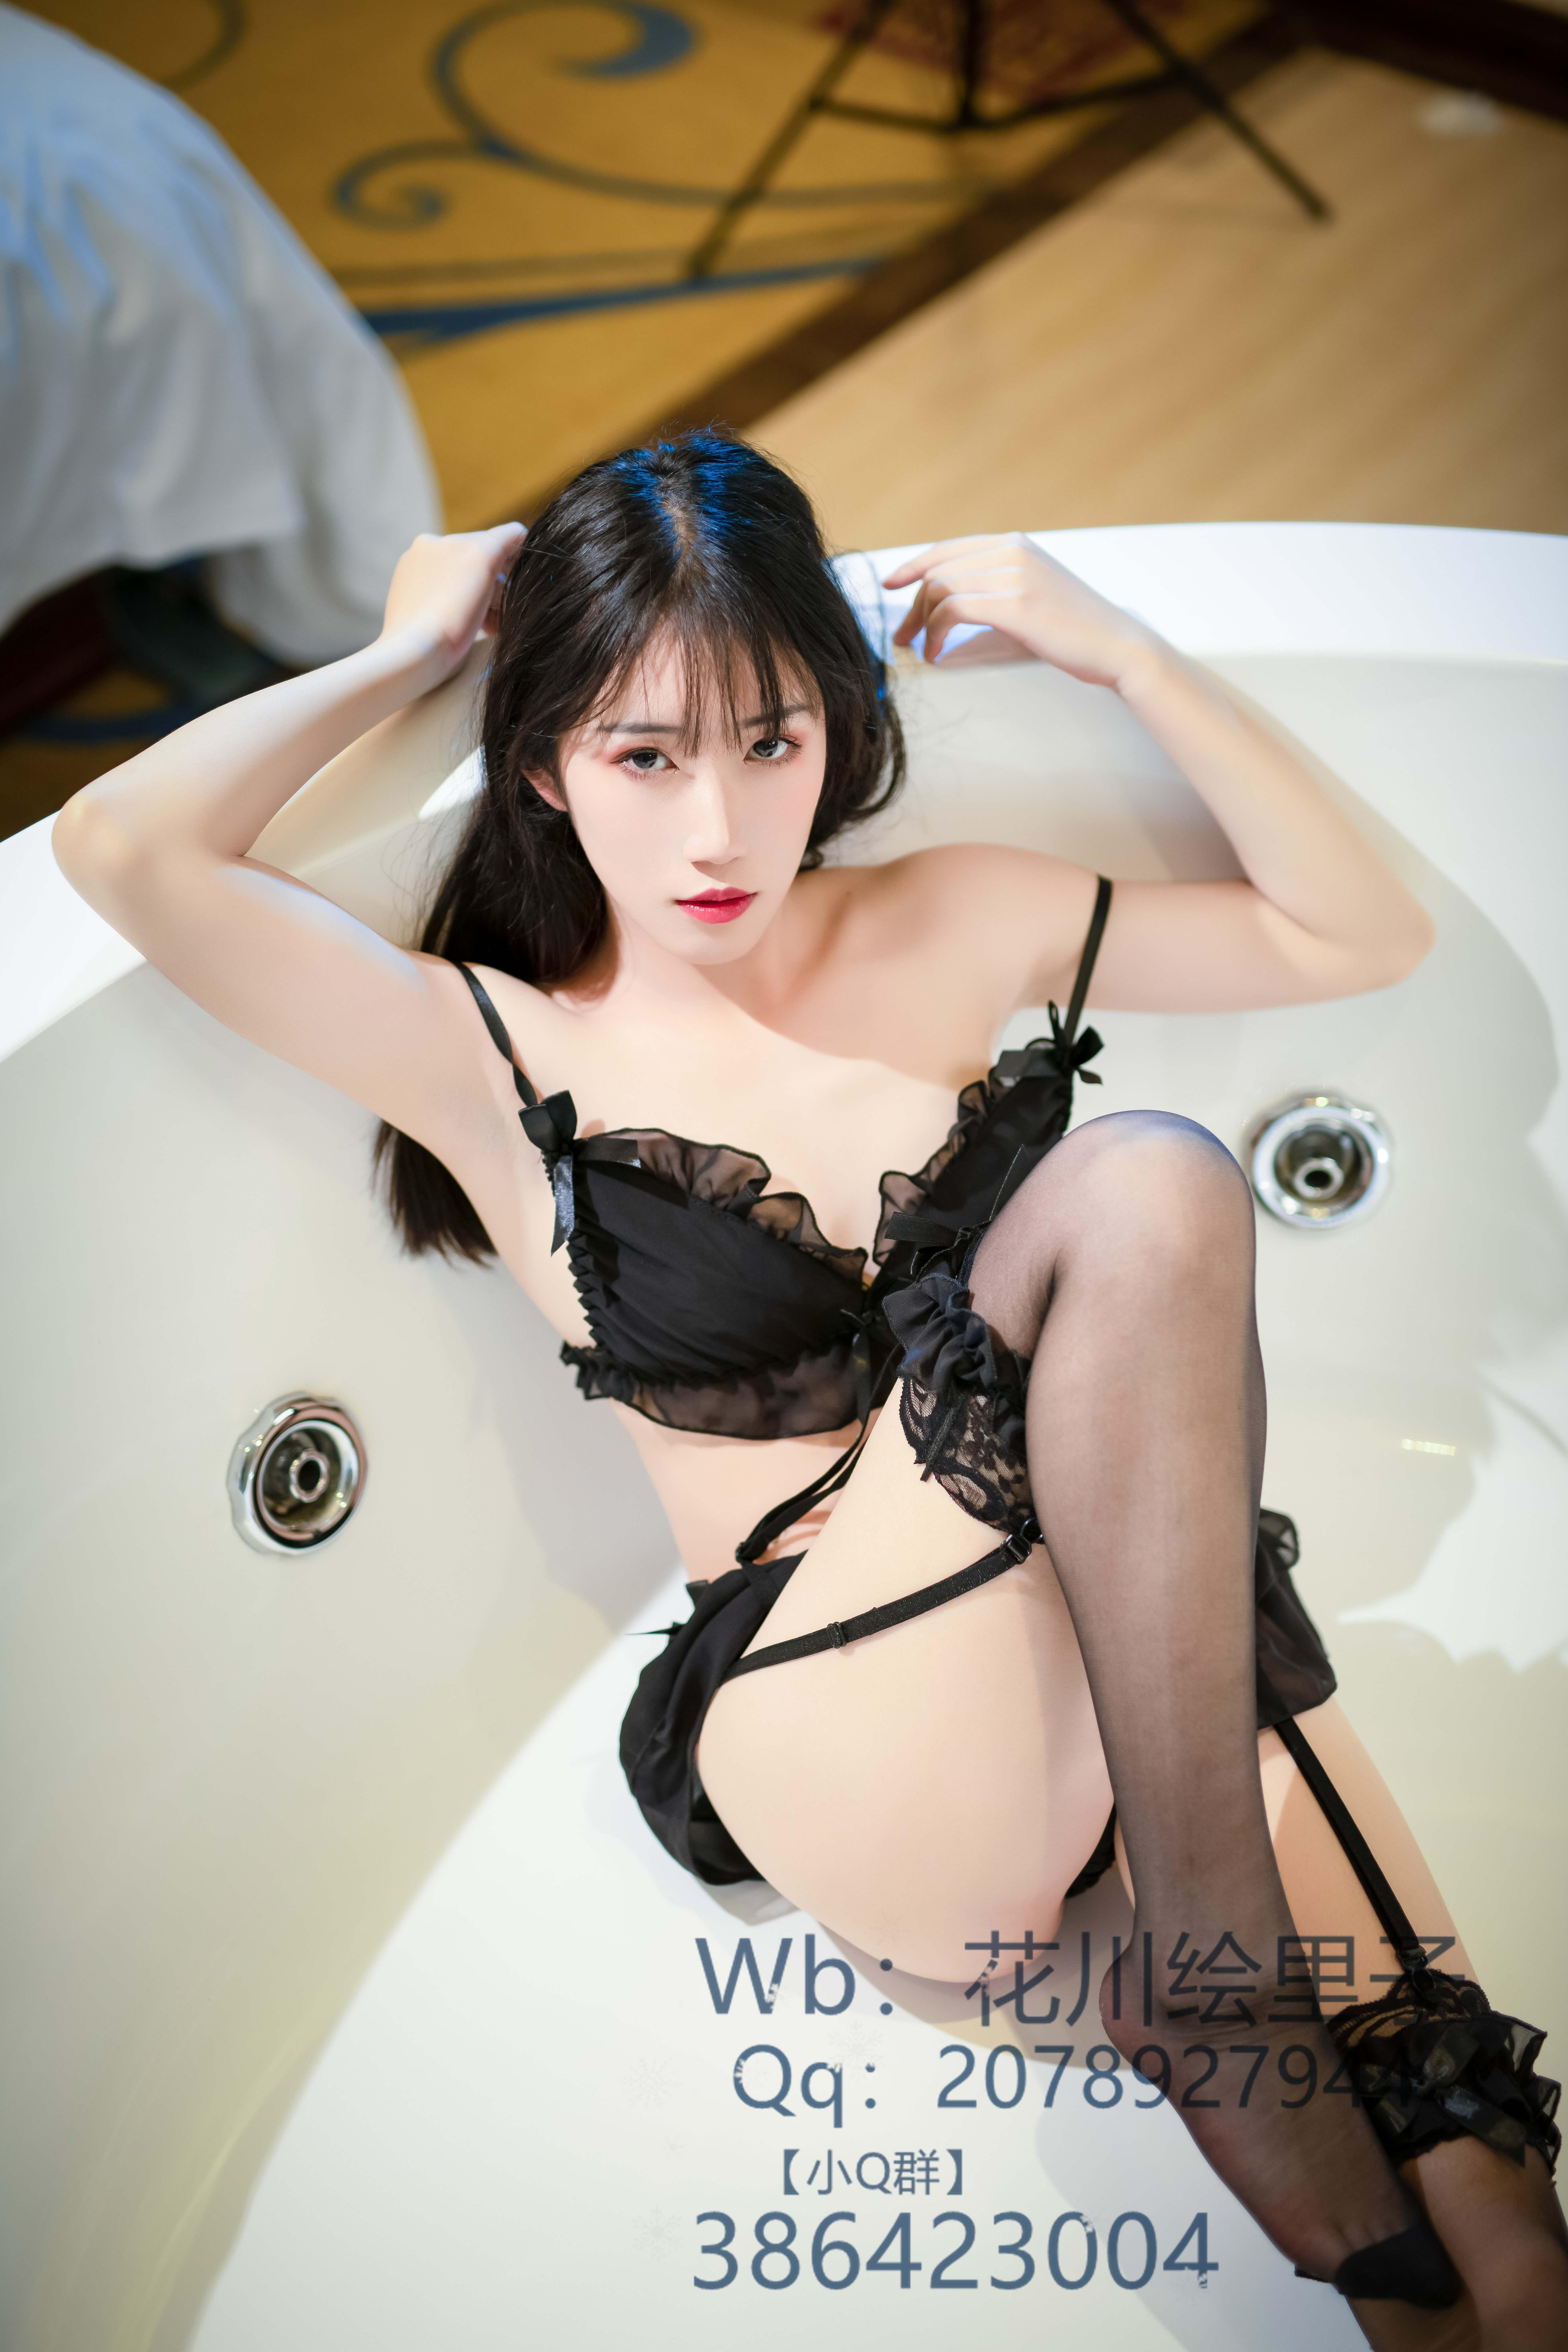 B站主播@花川绘里子 4K原图5套写真合集cos分享【125P 1.04G】